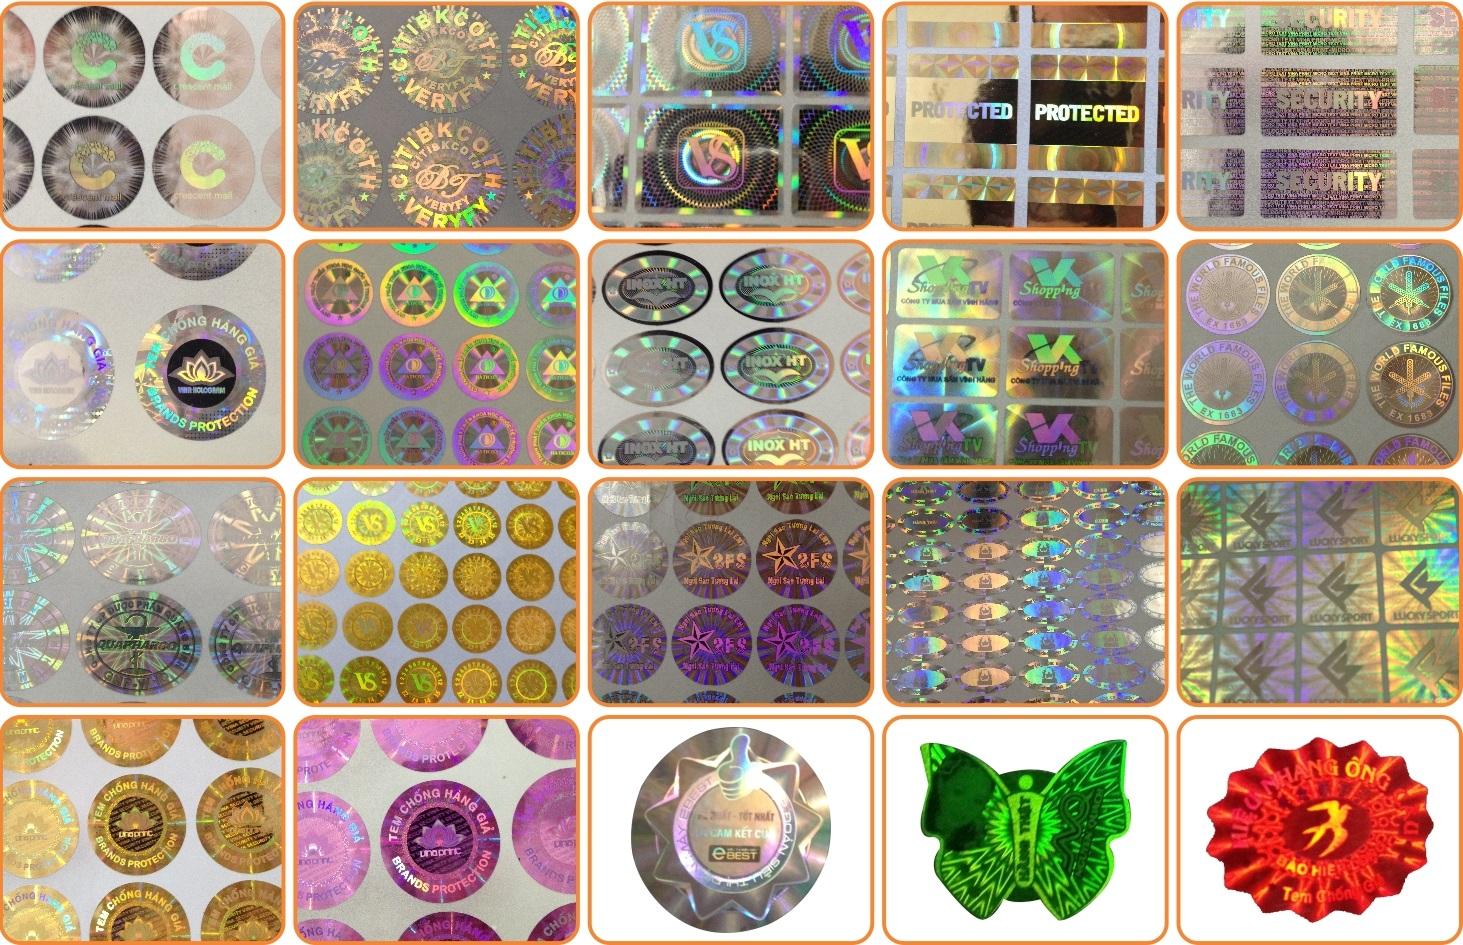 Có nhiều kiểu tem chống hàng giả khác nhau